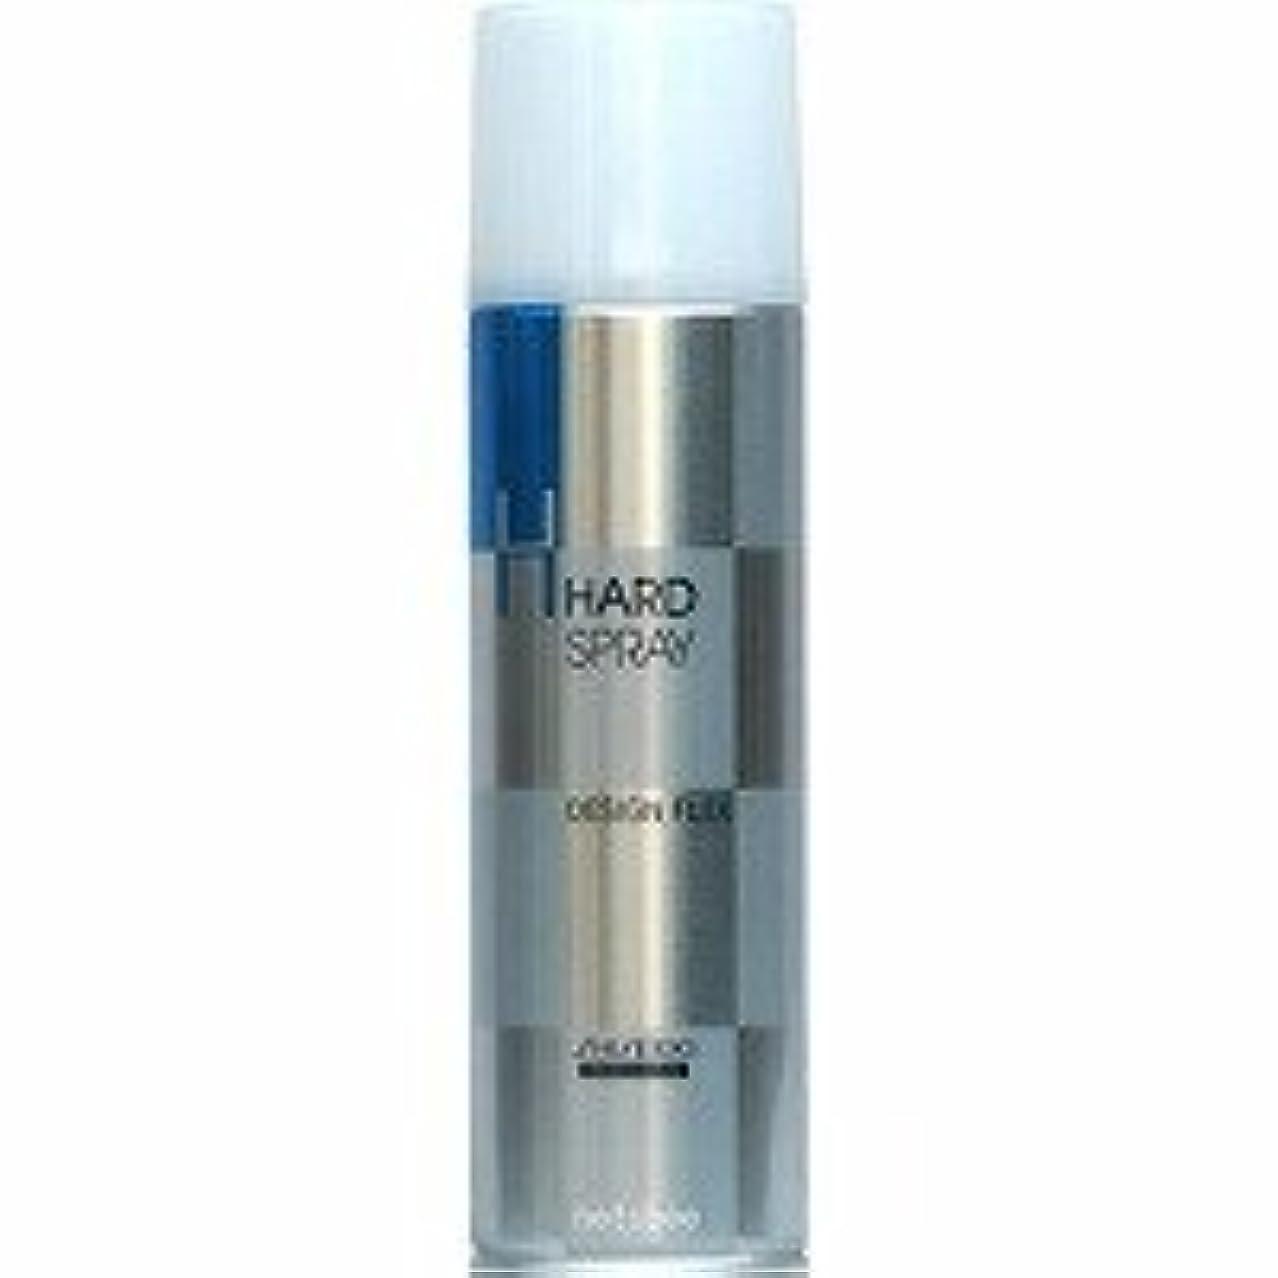 に頼る会計【X3個セット】 資生堂プロフェッショナル デザインフレックス ハードスプレー 260g shiseido PROFESSIONAL